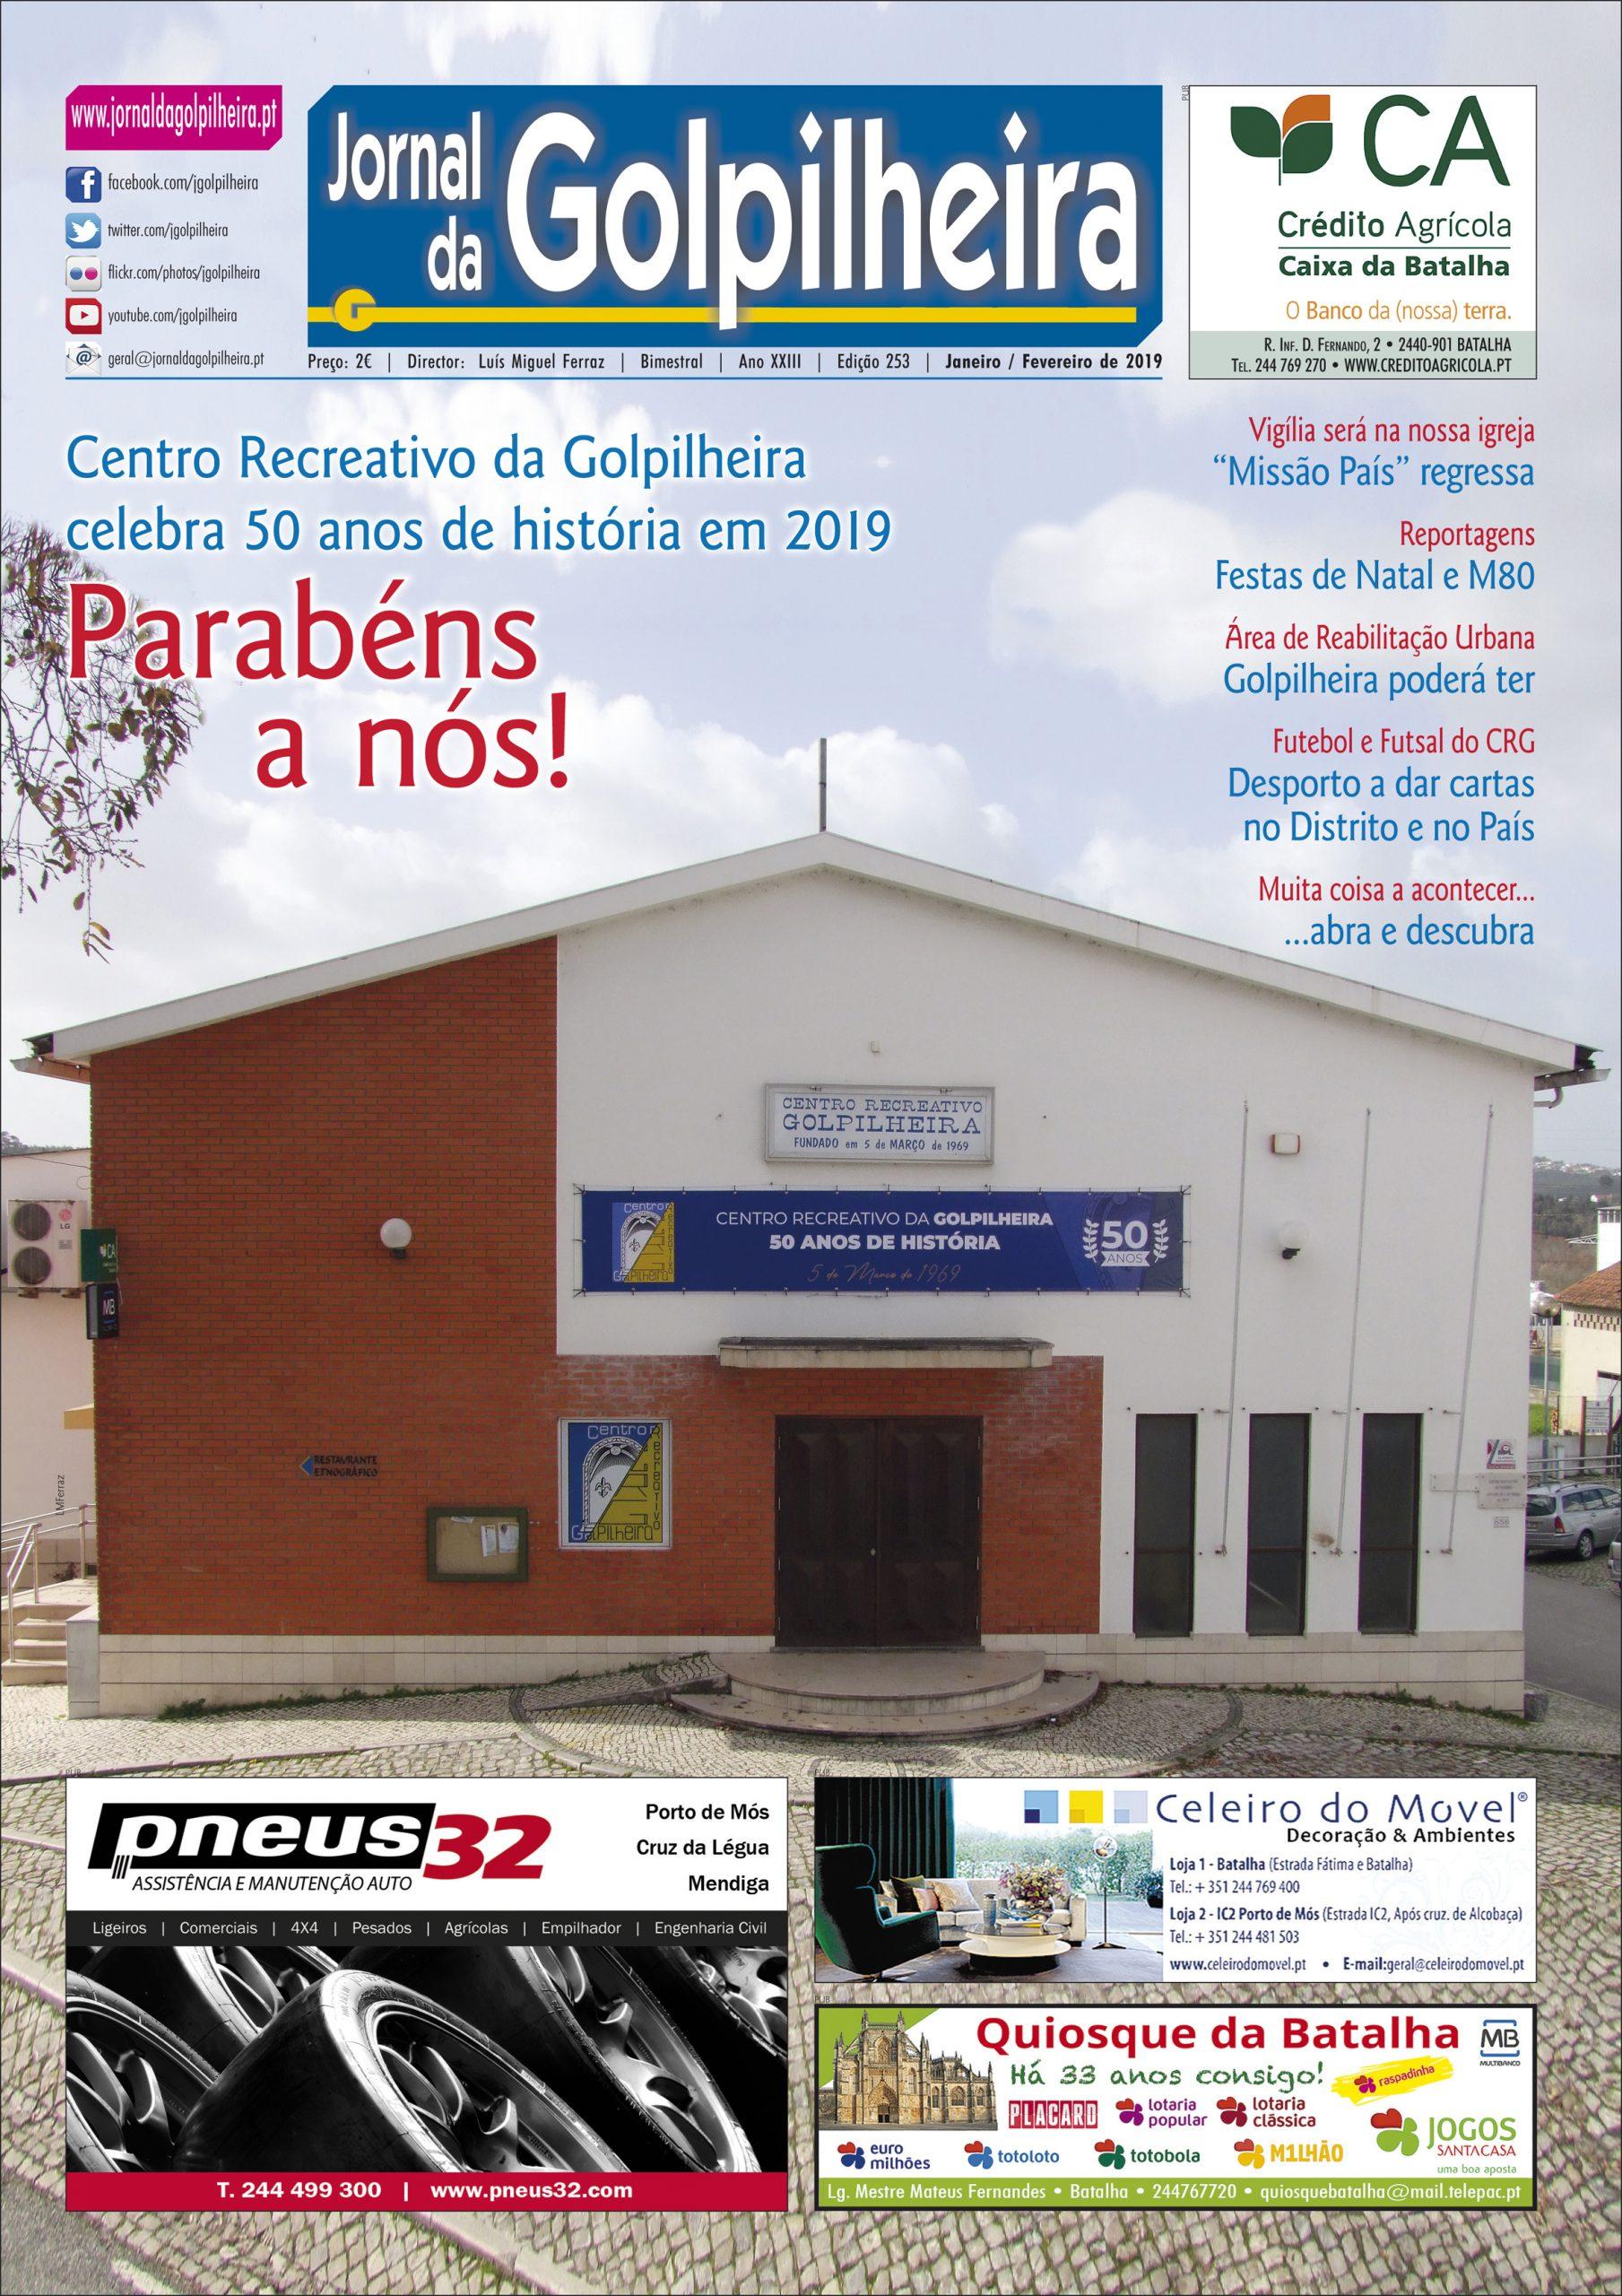 Edição 253 – Janeiro/Fevereiro de 2019 (1.ª página)